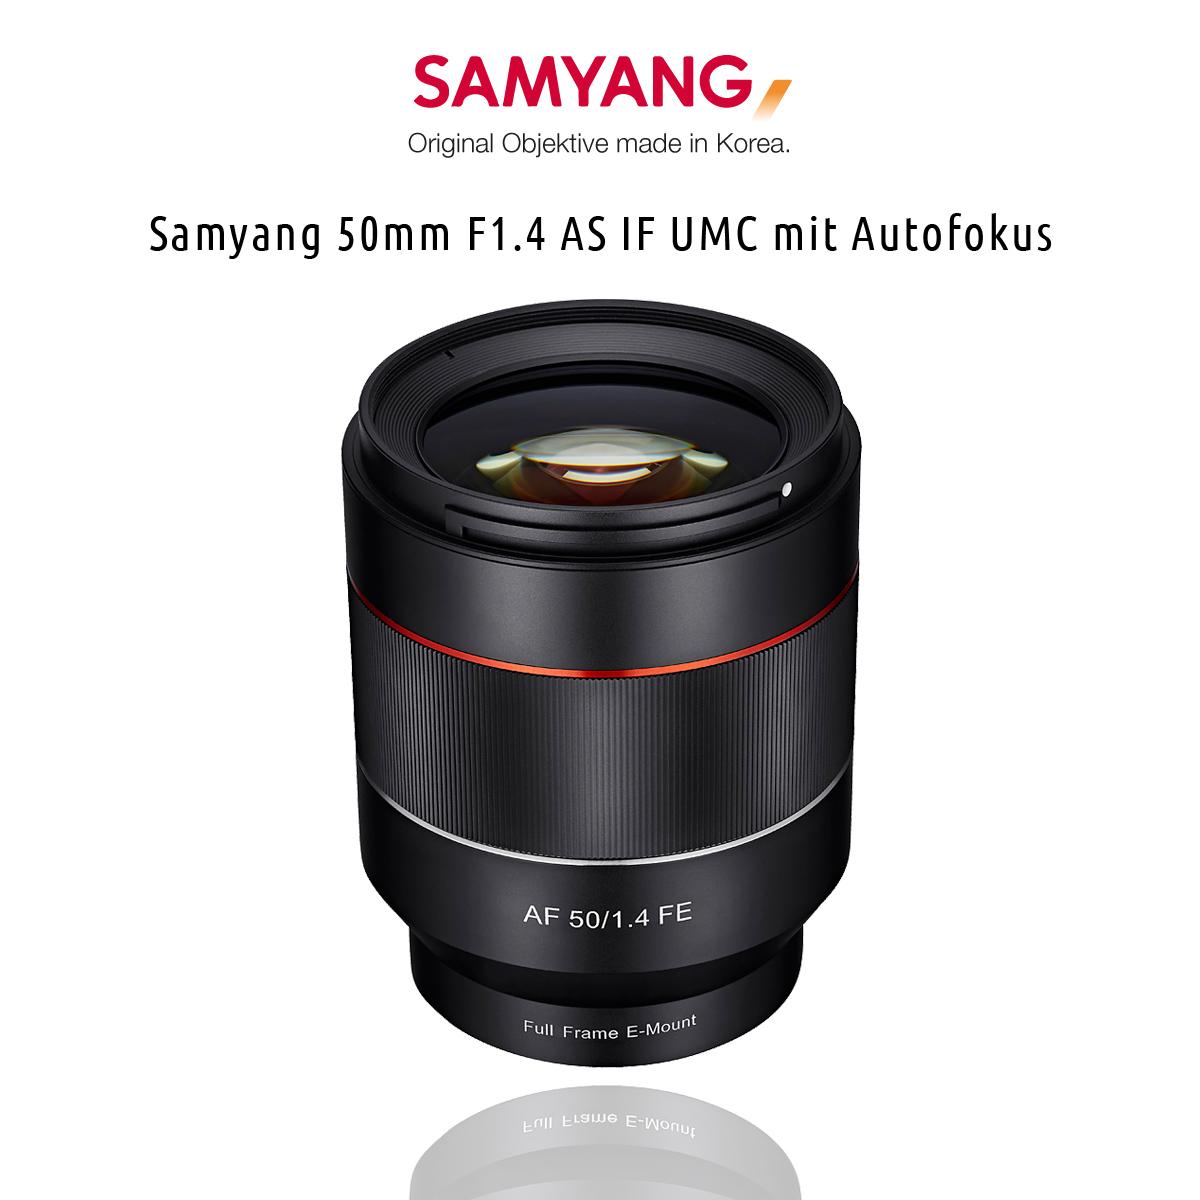 Das neue Samyang 50mm F1.4 AS IF UMC mit Autofokus